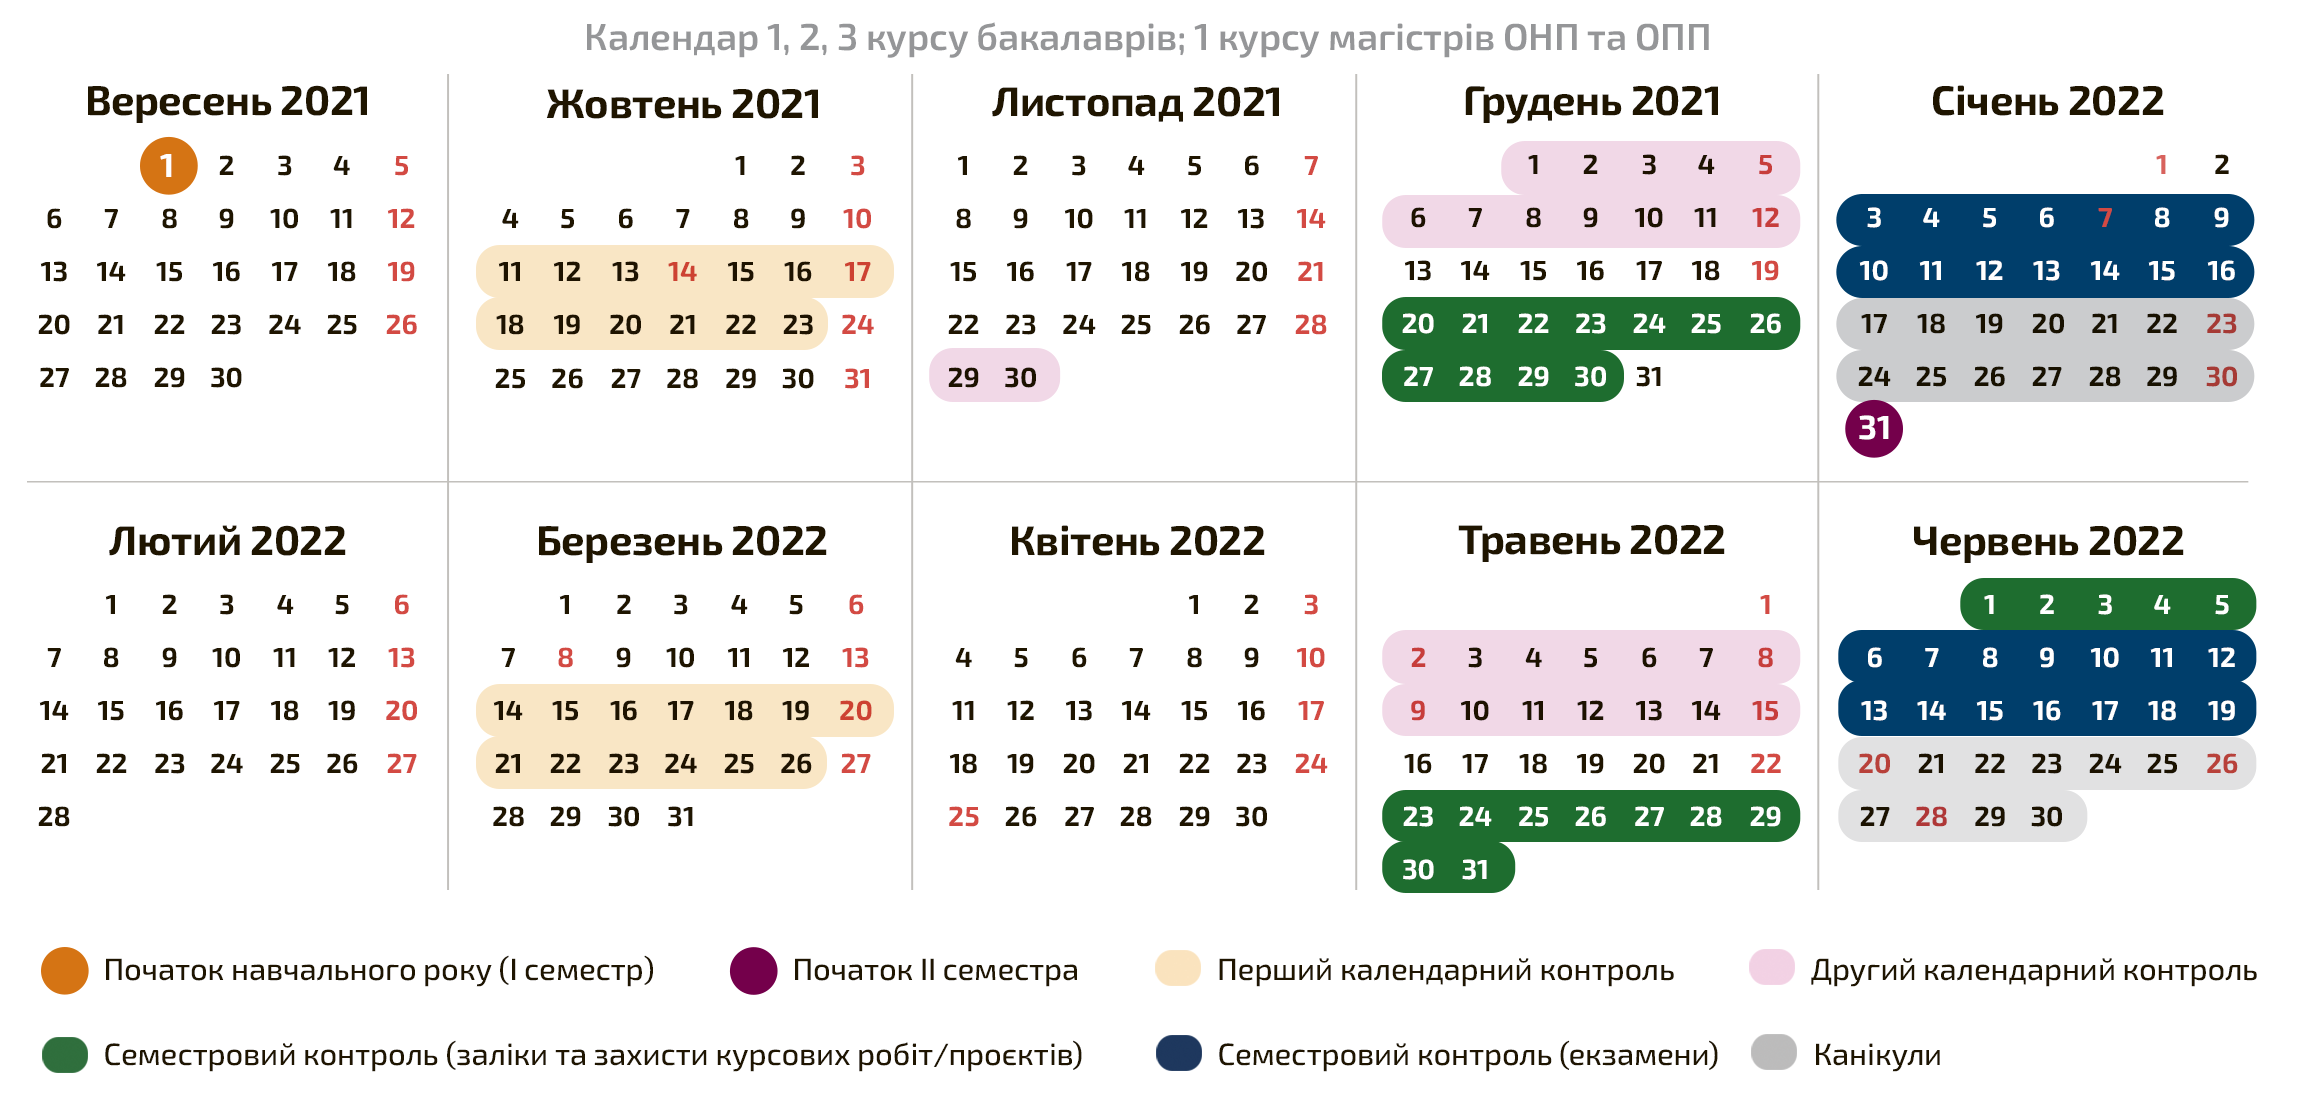 Календар 1 курсу